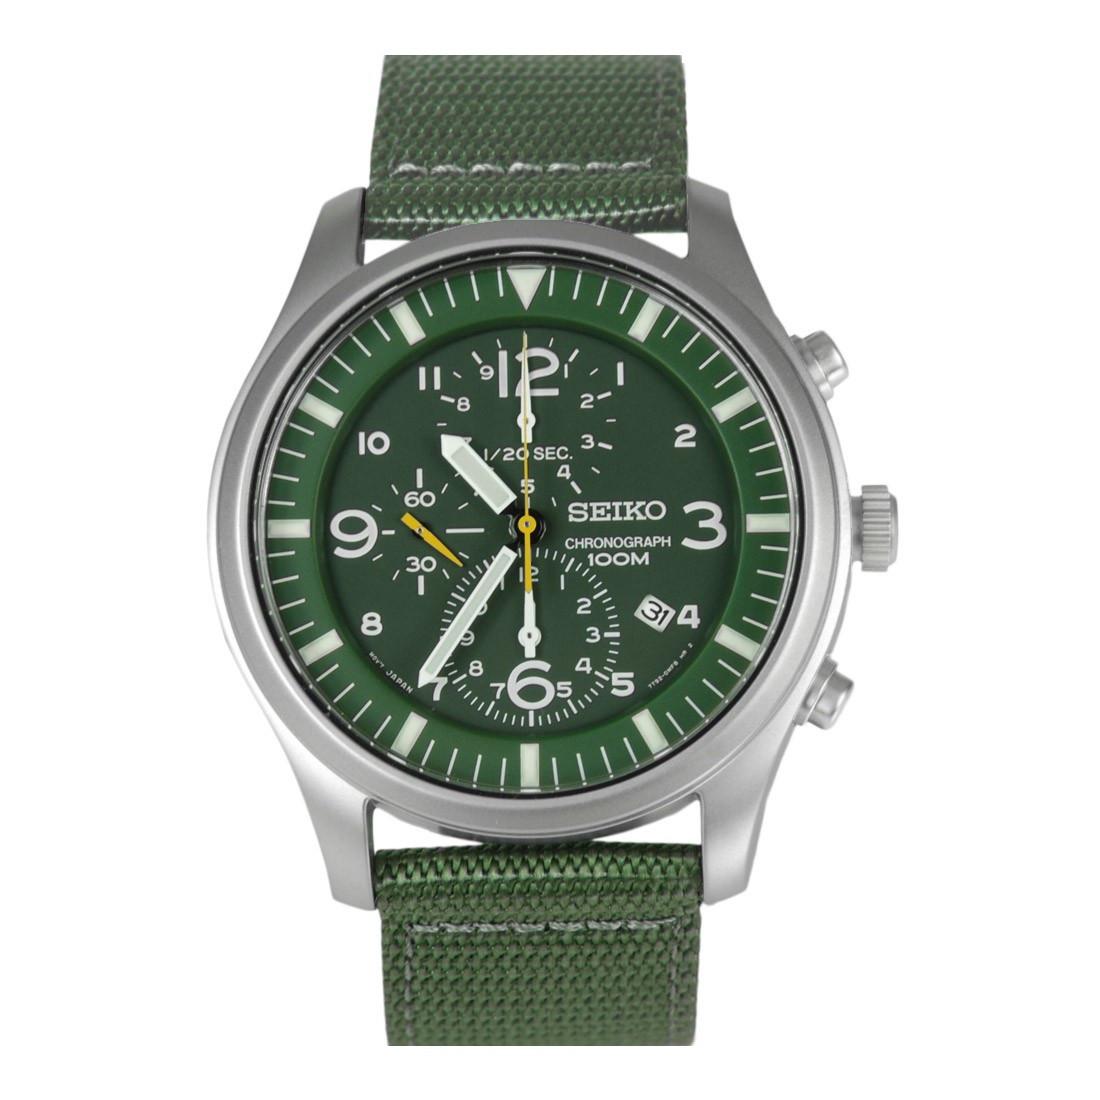 Часы Seiko Military SNDA27P1 хронограф Quartz 7T92